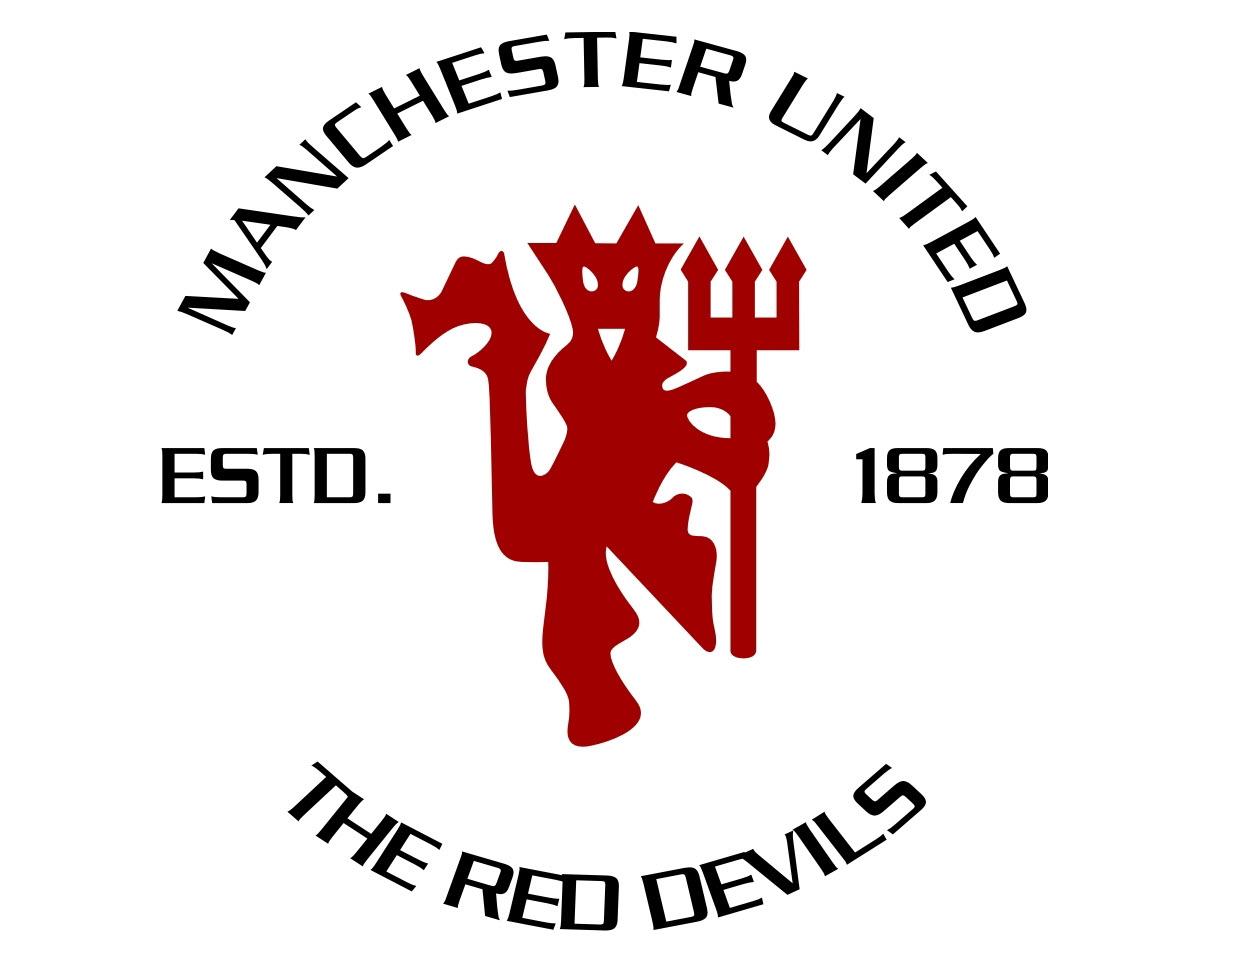 Ảnh logo của Manchester United đẹp